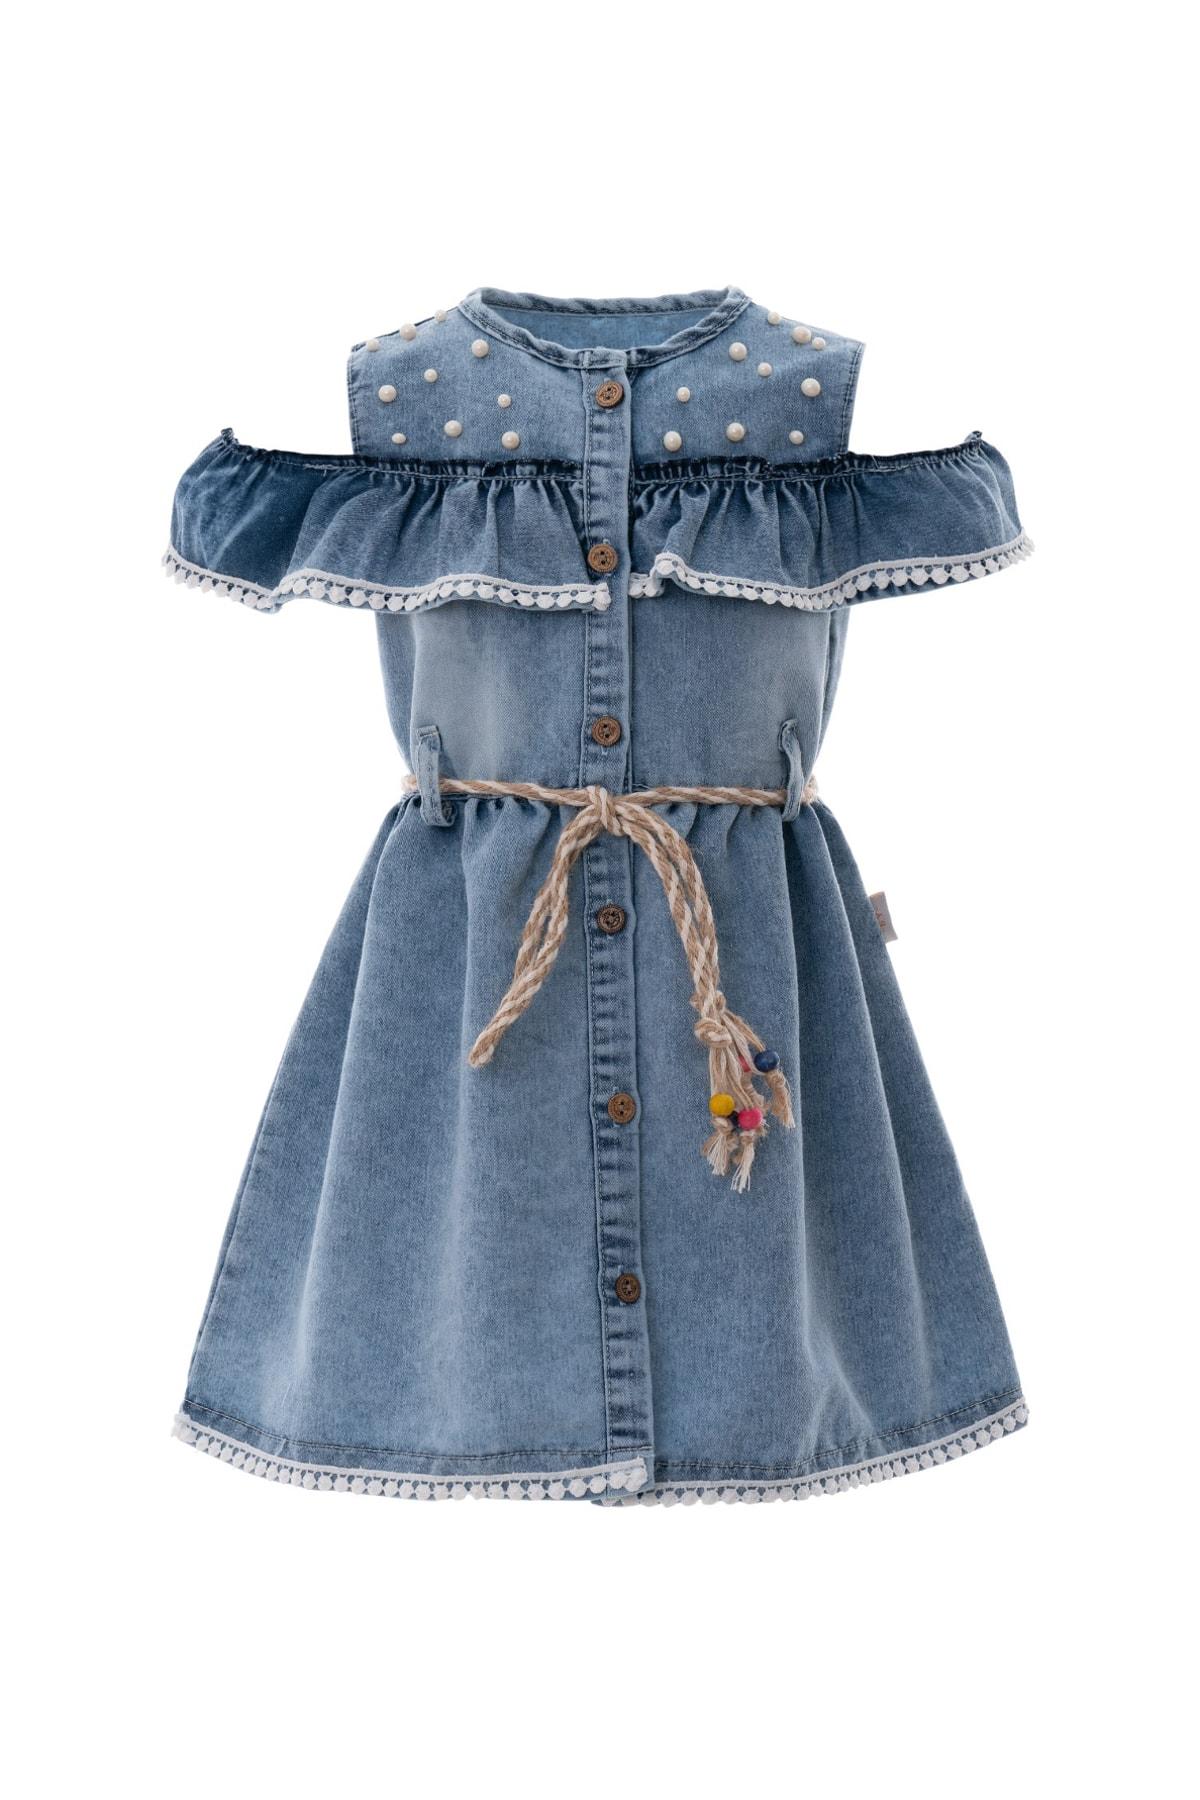 AcarKids Kız Çocuk Elbise İncili Kot Hasır Kemerli 6-9 Yaş Mavi 1